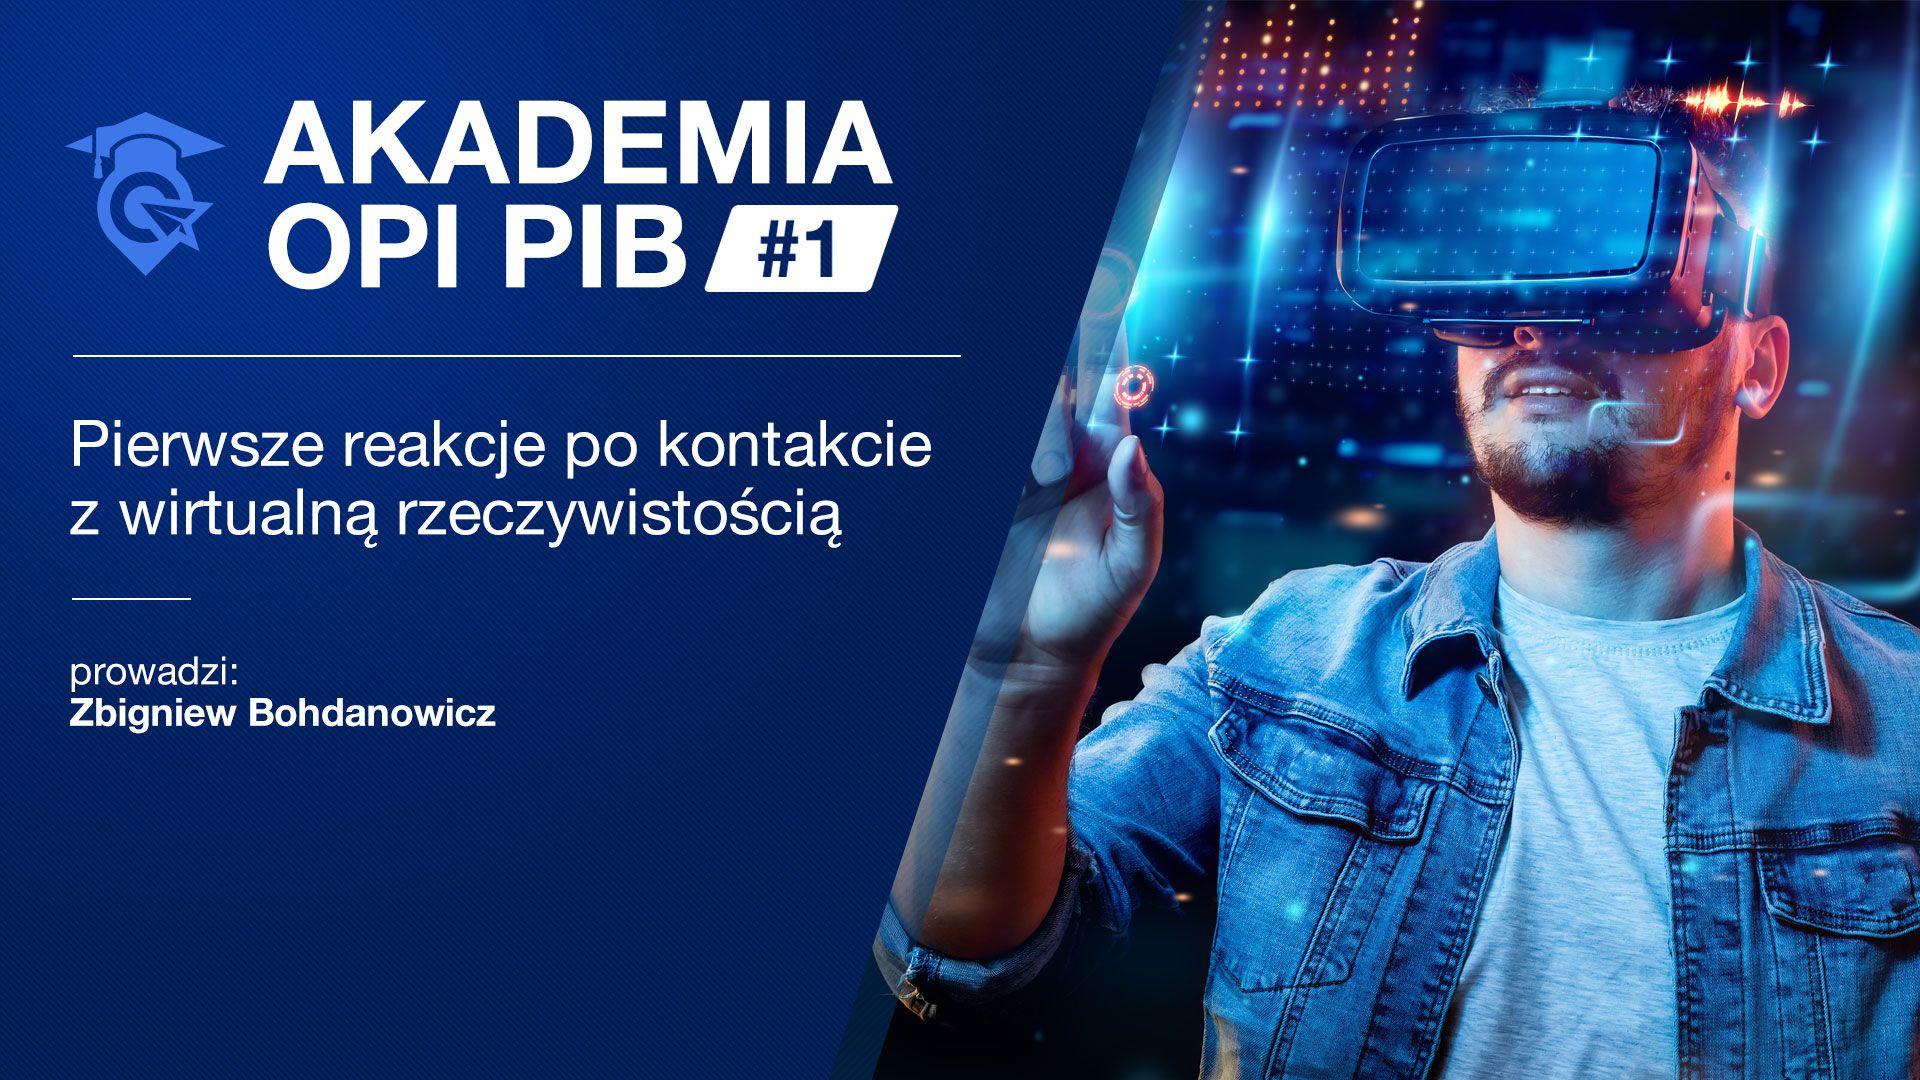 Akademia OPI PIB